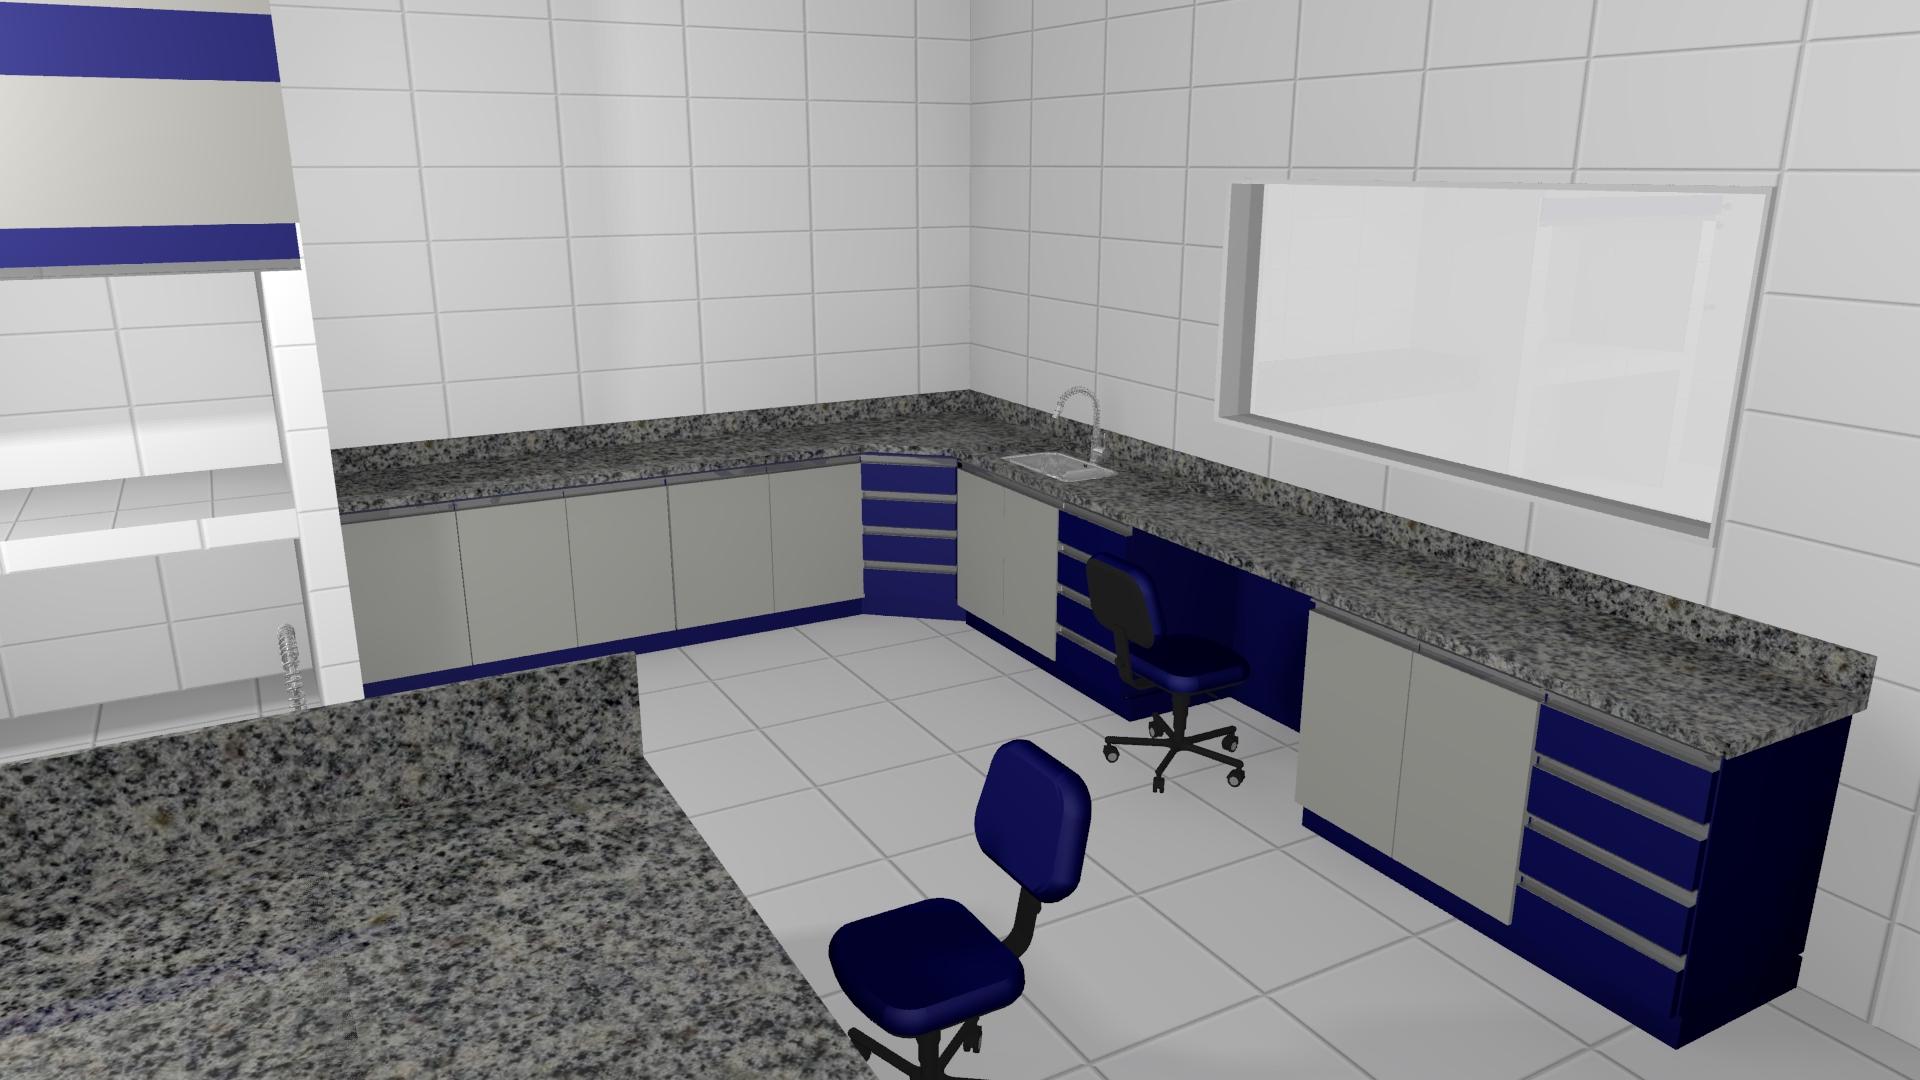 Ração_Magnus_-_Armario_do_Laboratório_Anápolis_-_0001